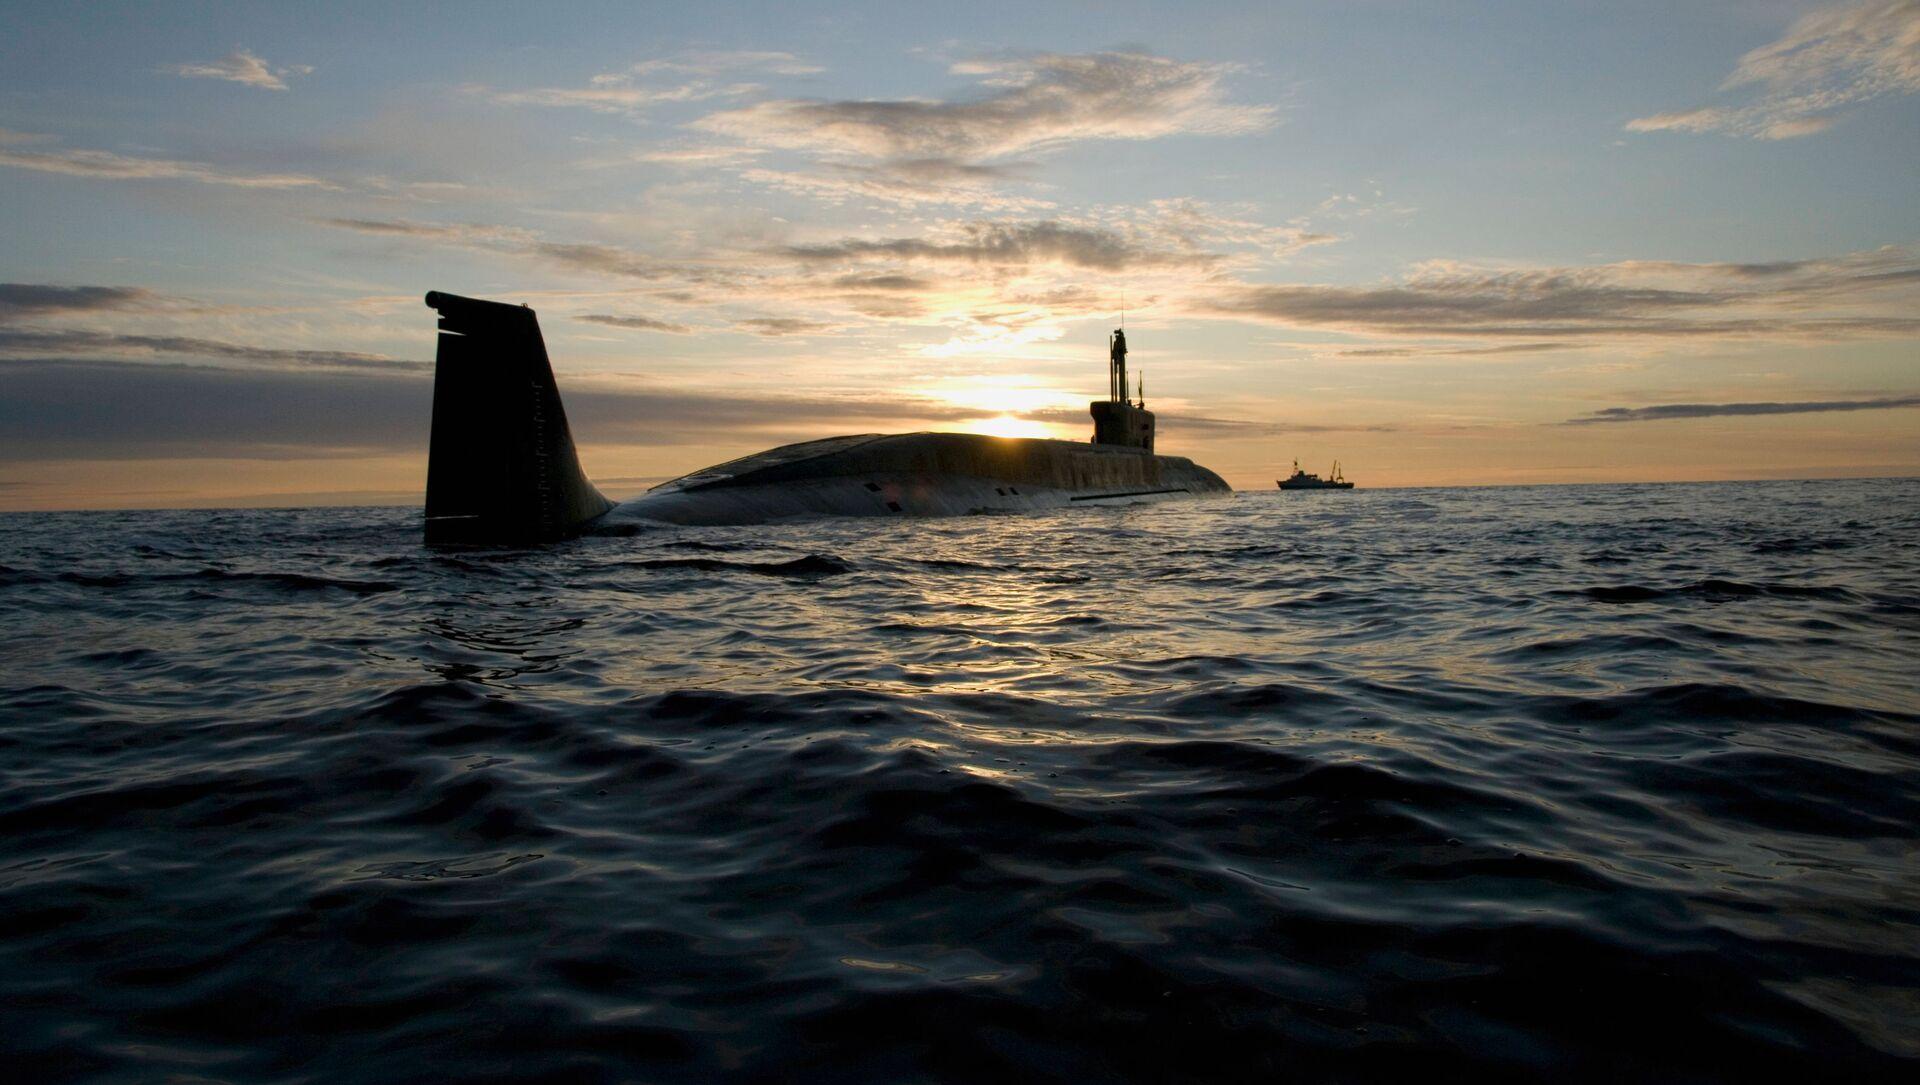 Атомная подводная лодка (АПЛ) Юрий Долгорукий во время ходовых испытаний летом 2009 года. - Sputnik Azərbaycan, 1920, 22.09.2021